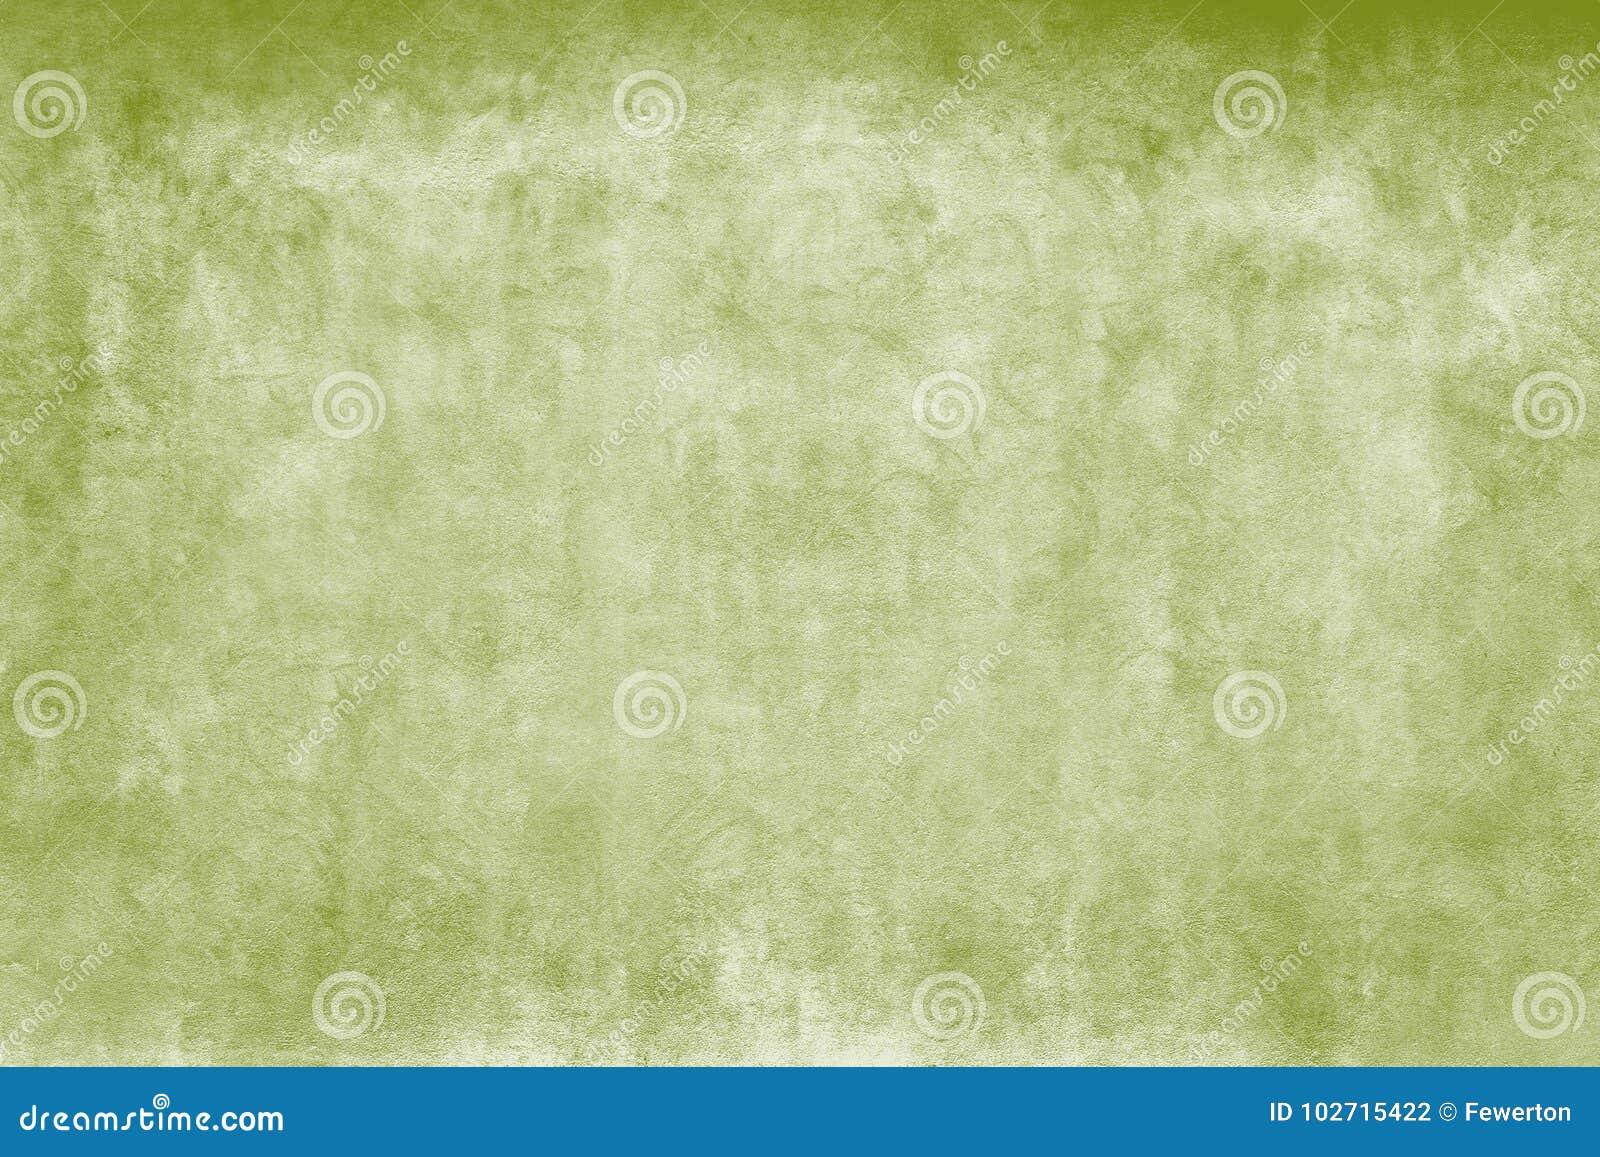 Pared gruesa resistida de la fachada de las acuarelas verdes y blancas como fondo rústico vacío